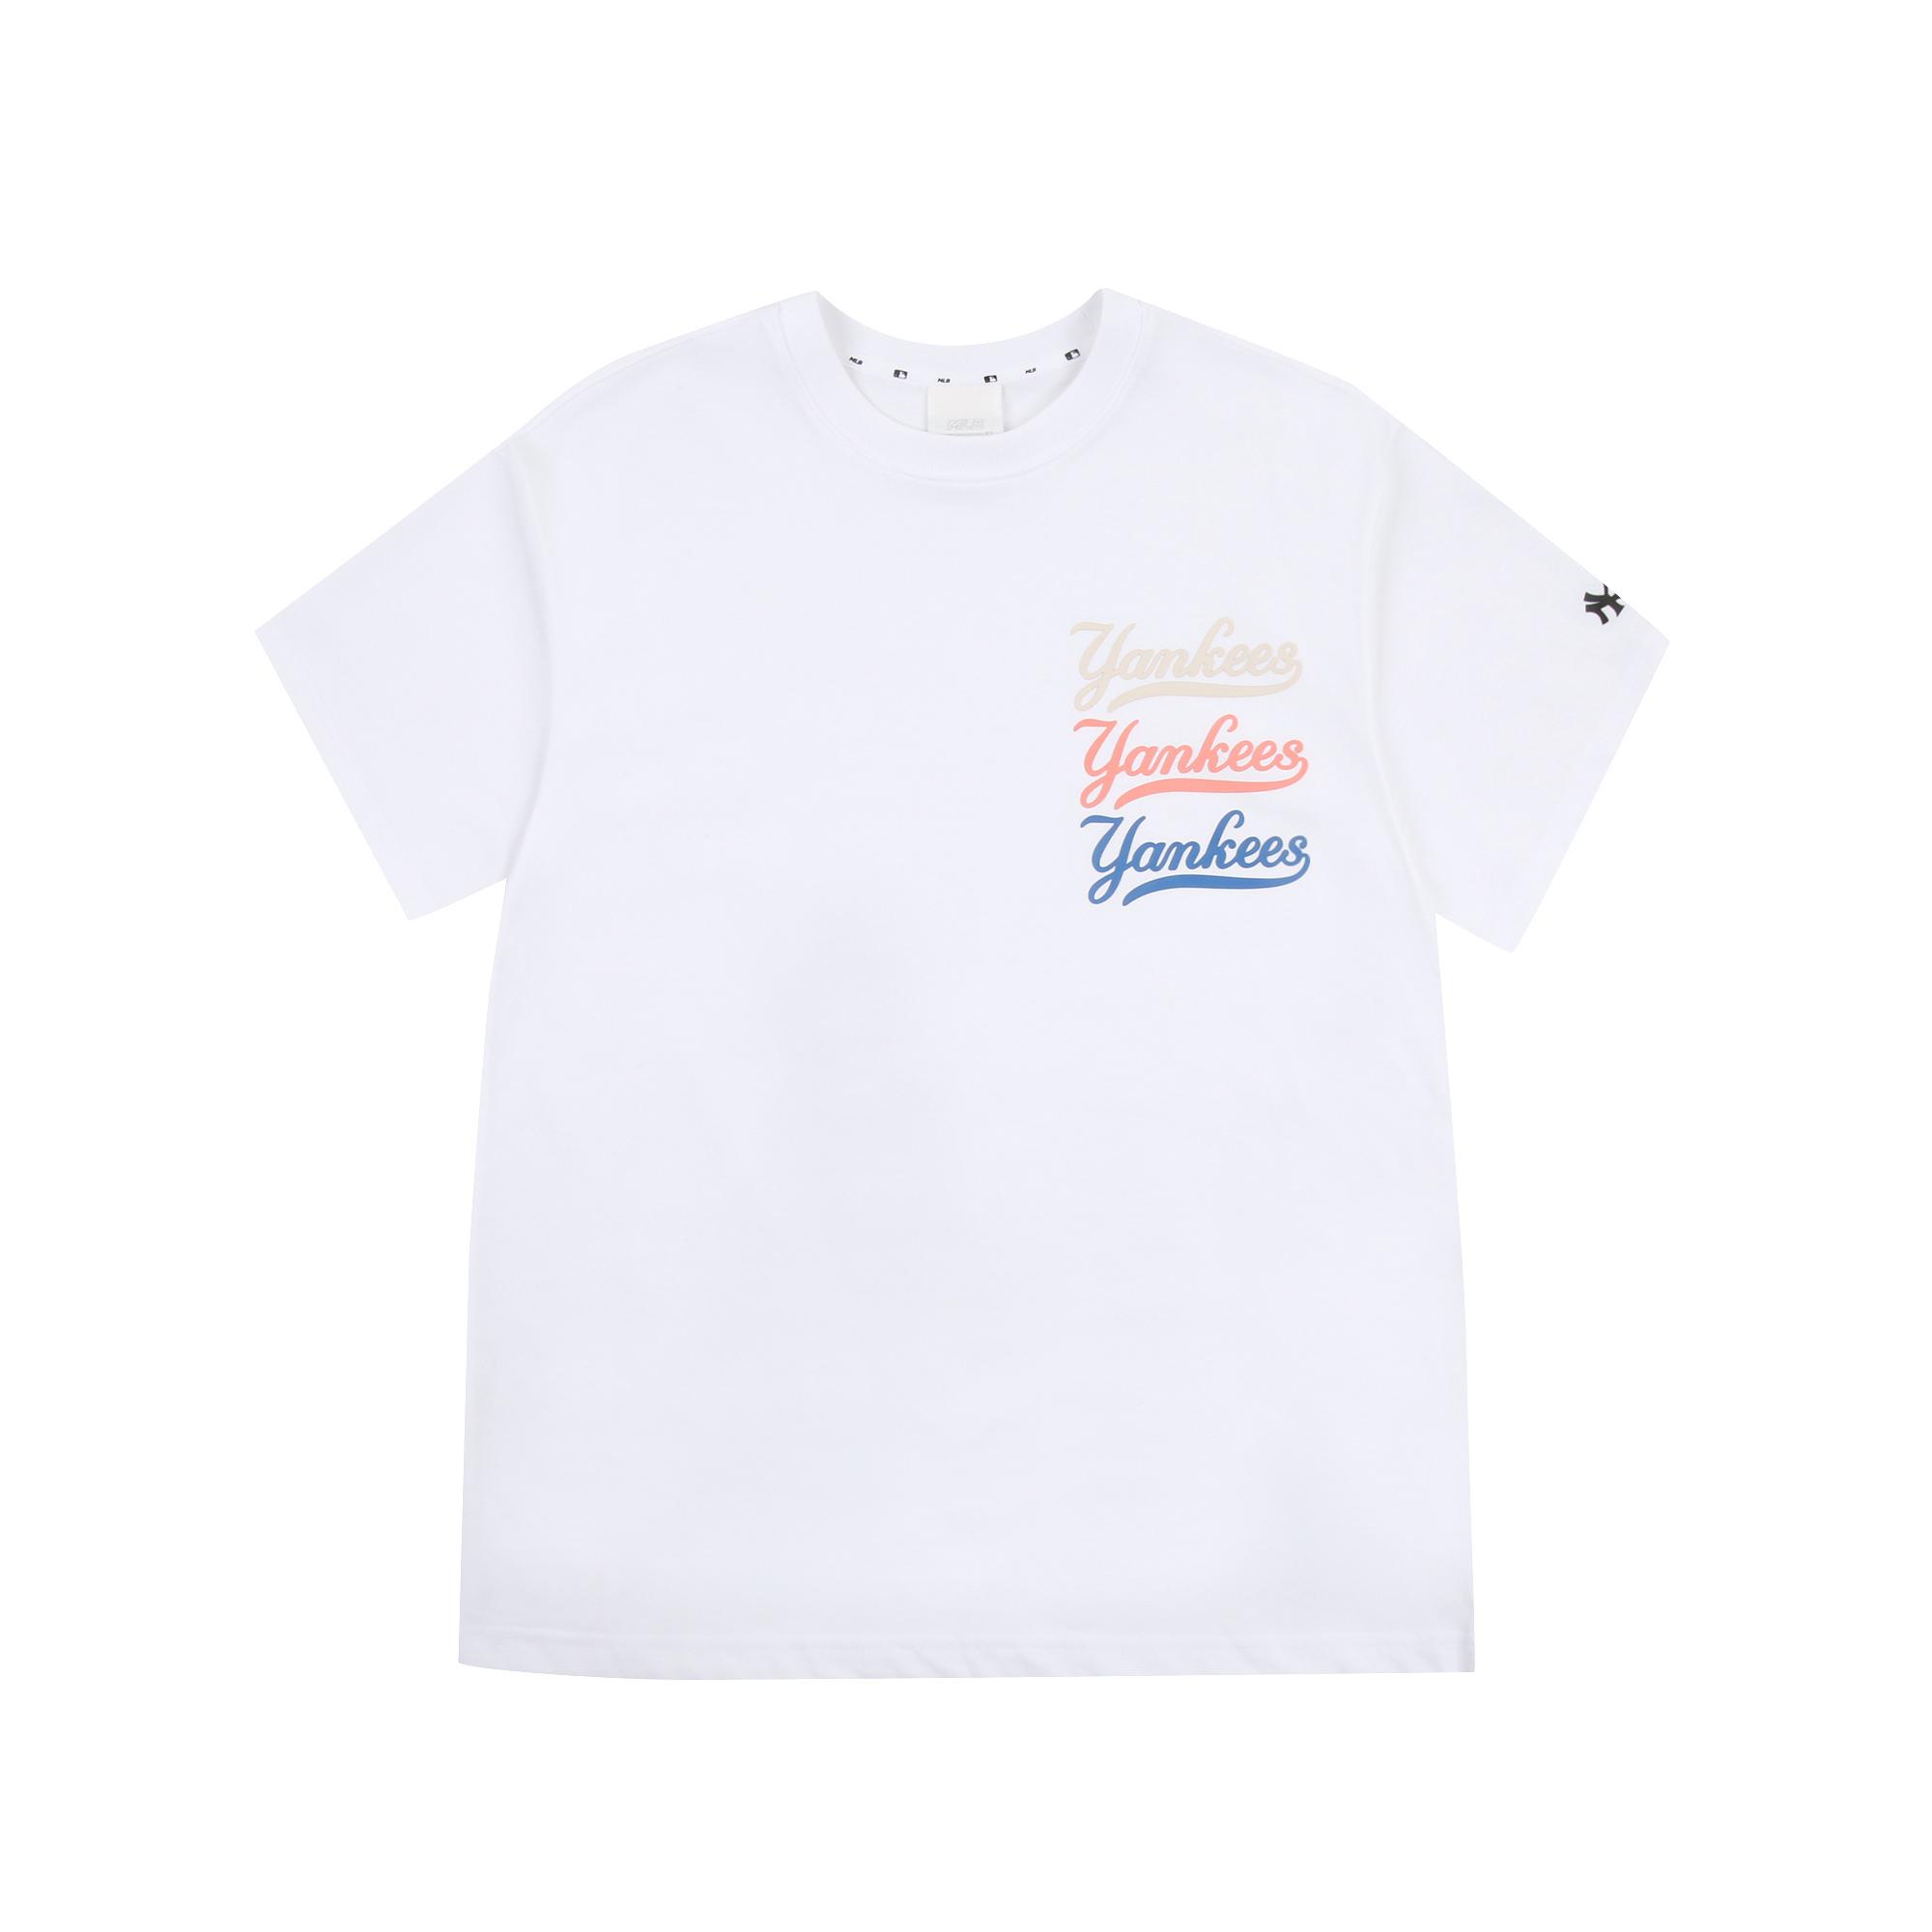 베이직 클래식 로고 트리플 반팔 티셔츠 뉴욕양키스